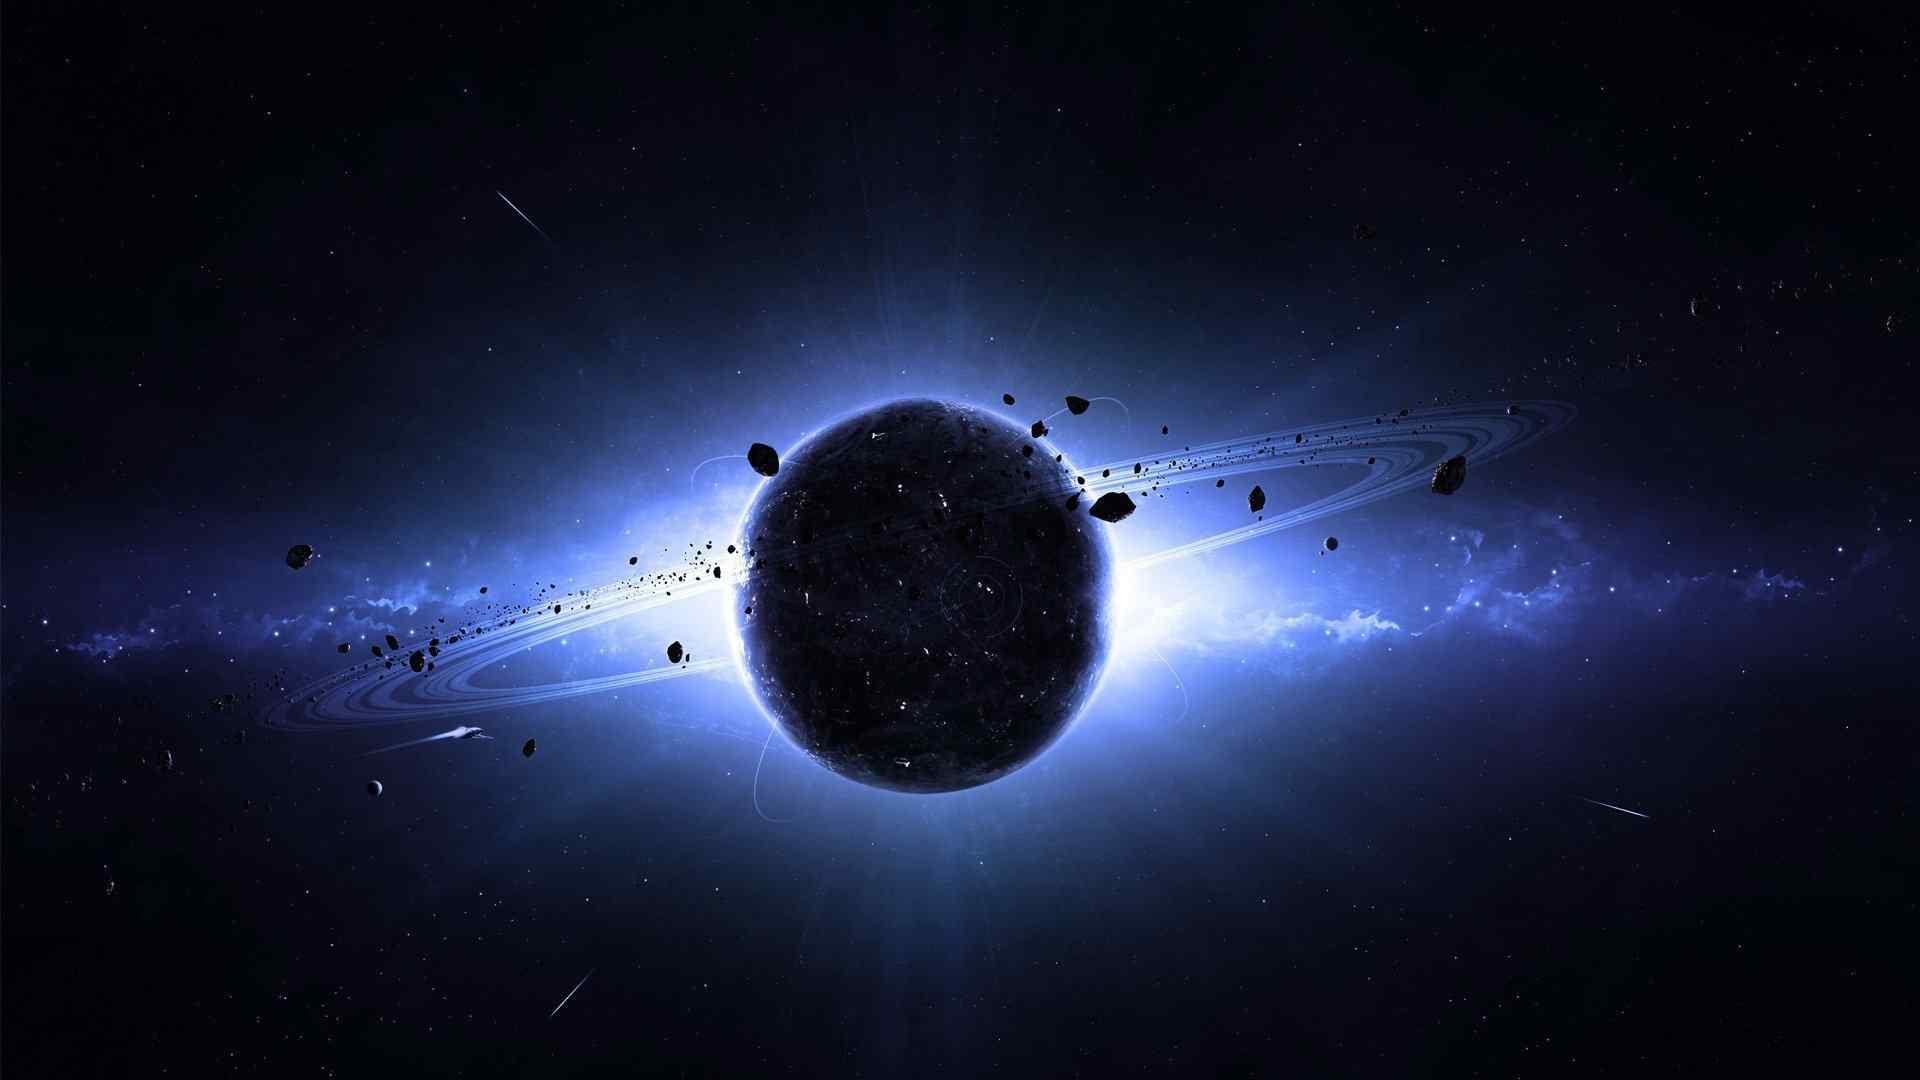 宇宙黑色星球唯美壁纸